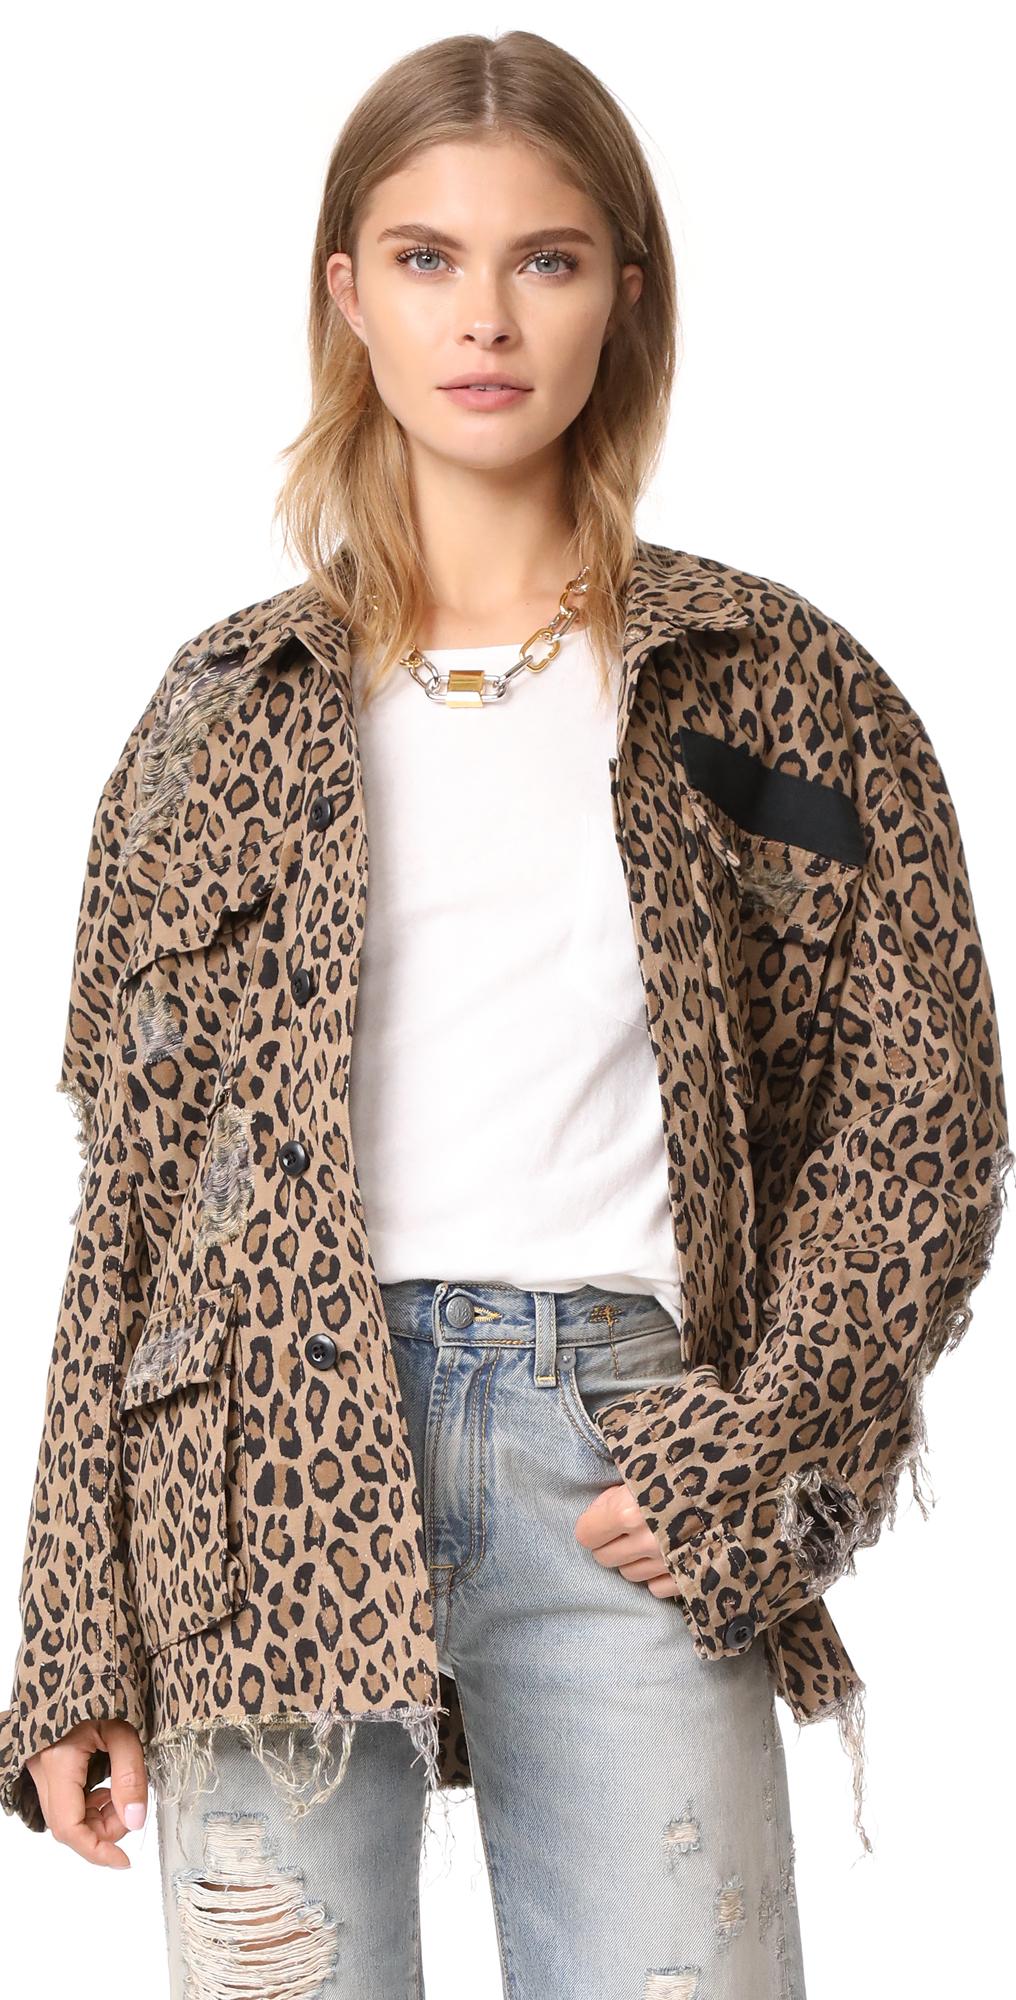 Shredded Leopard Abu Jacket R13